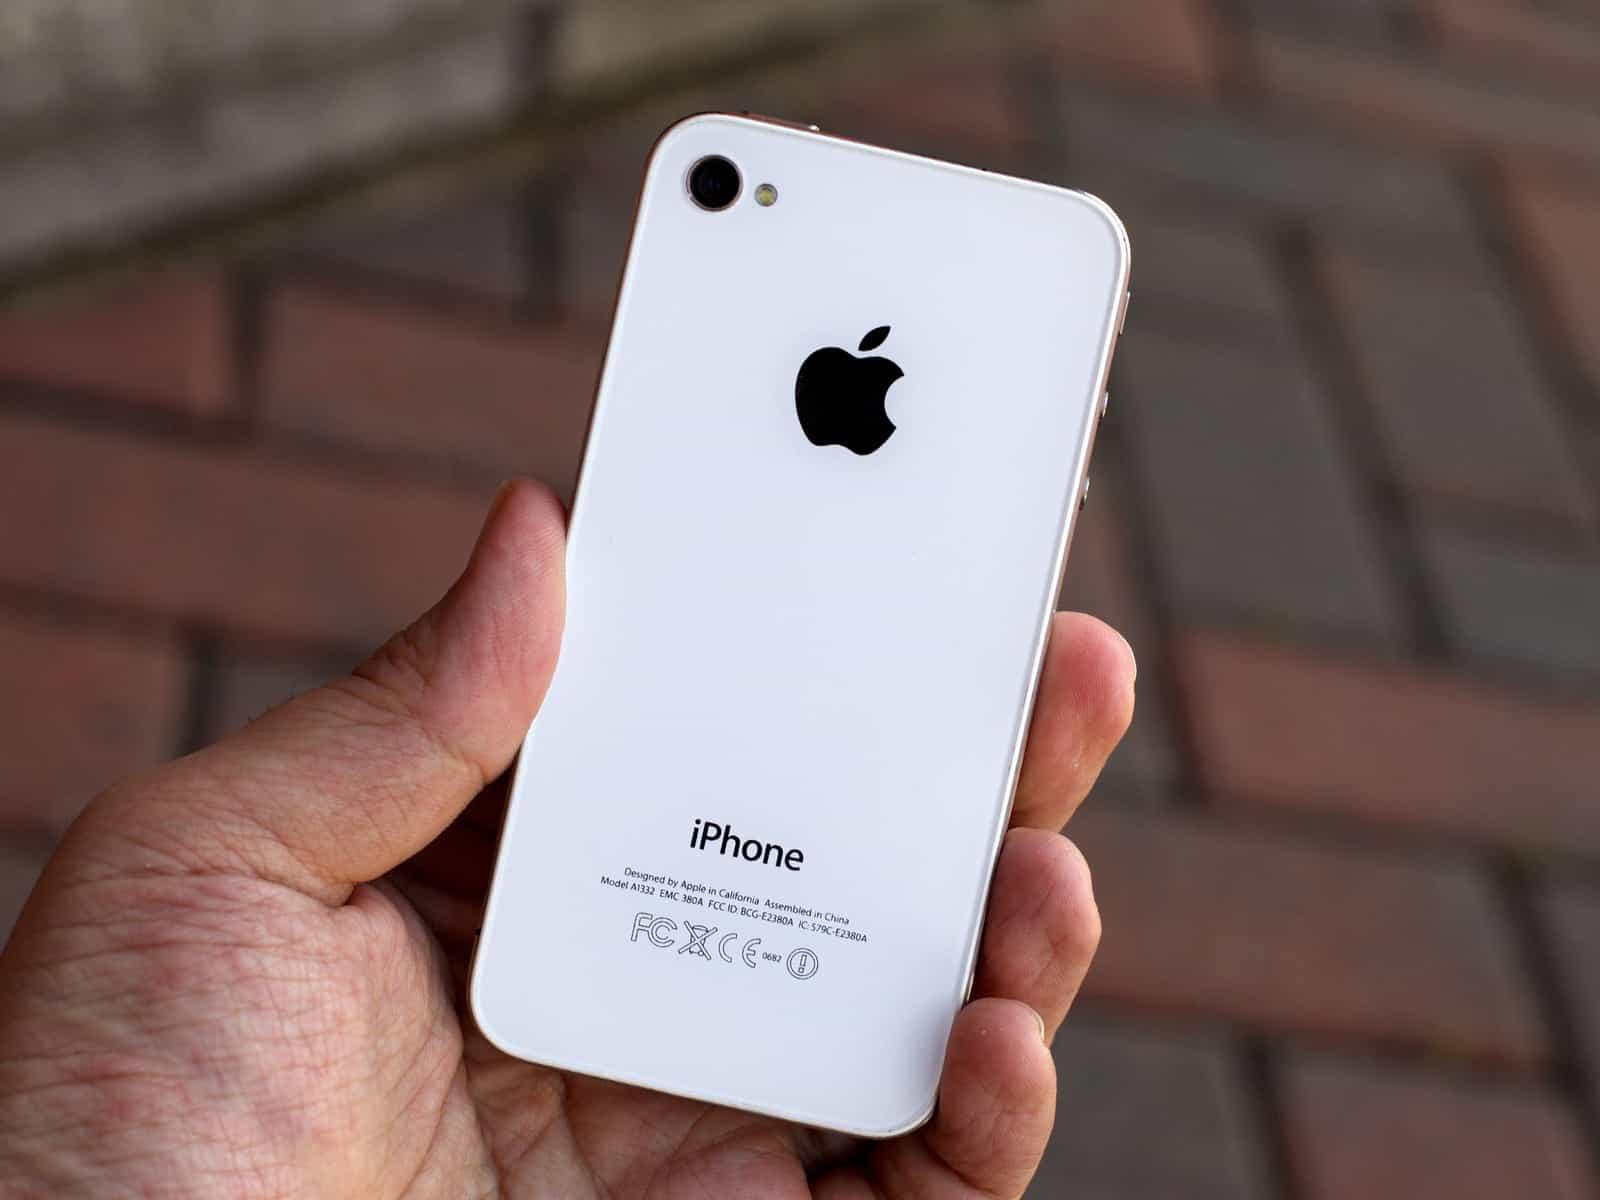 2020 iPhone будет иметь iPhone 4-подобный дизайн, сообщает Kuo